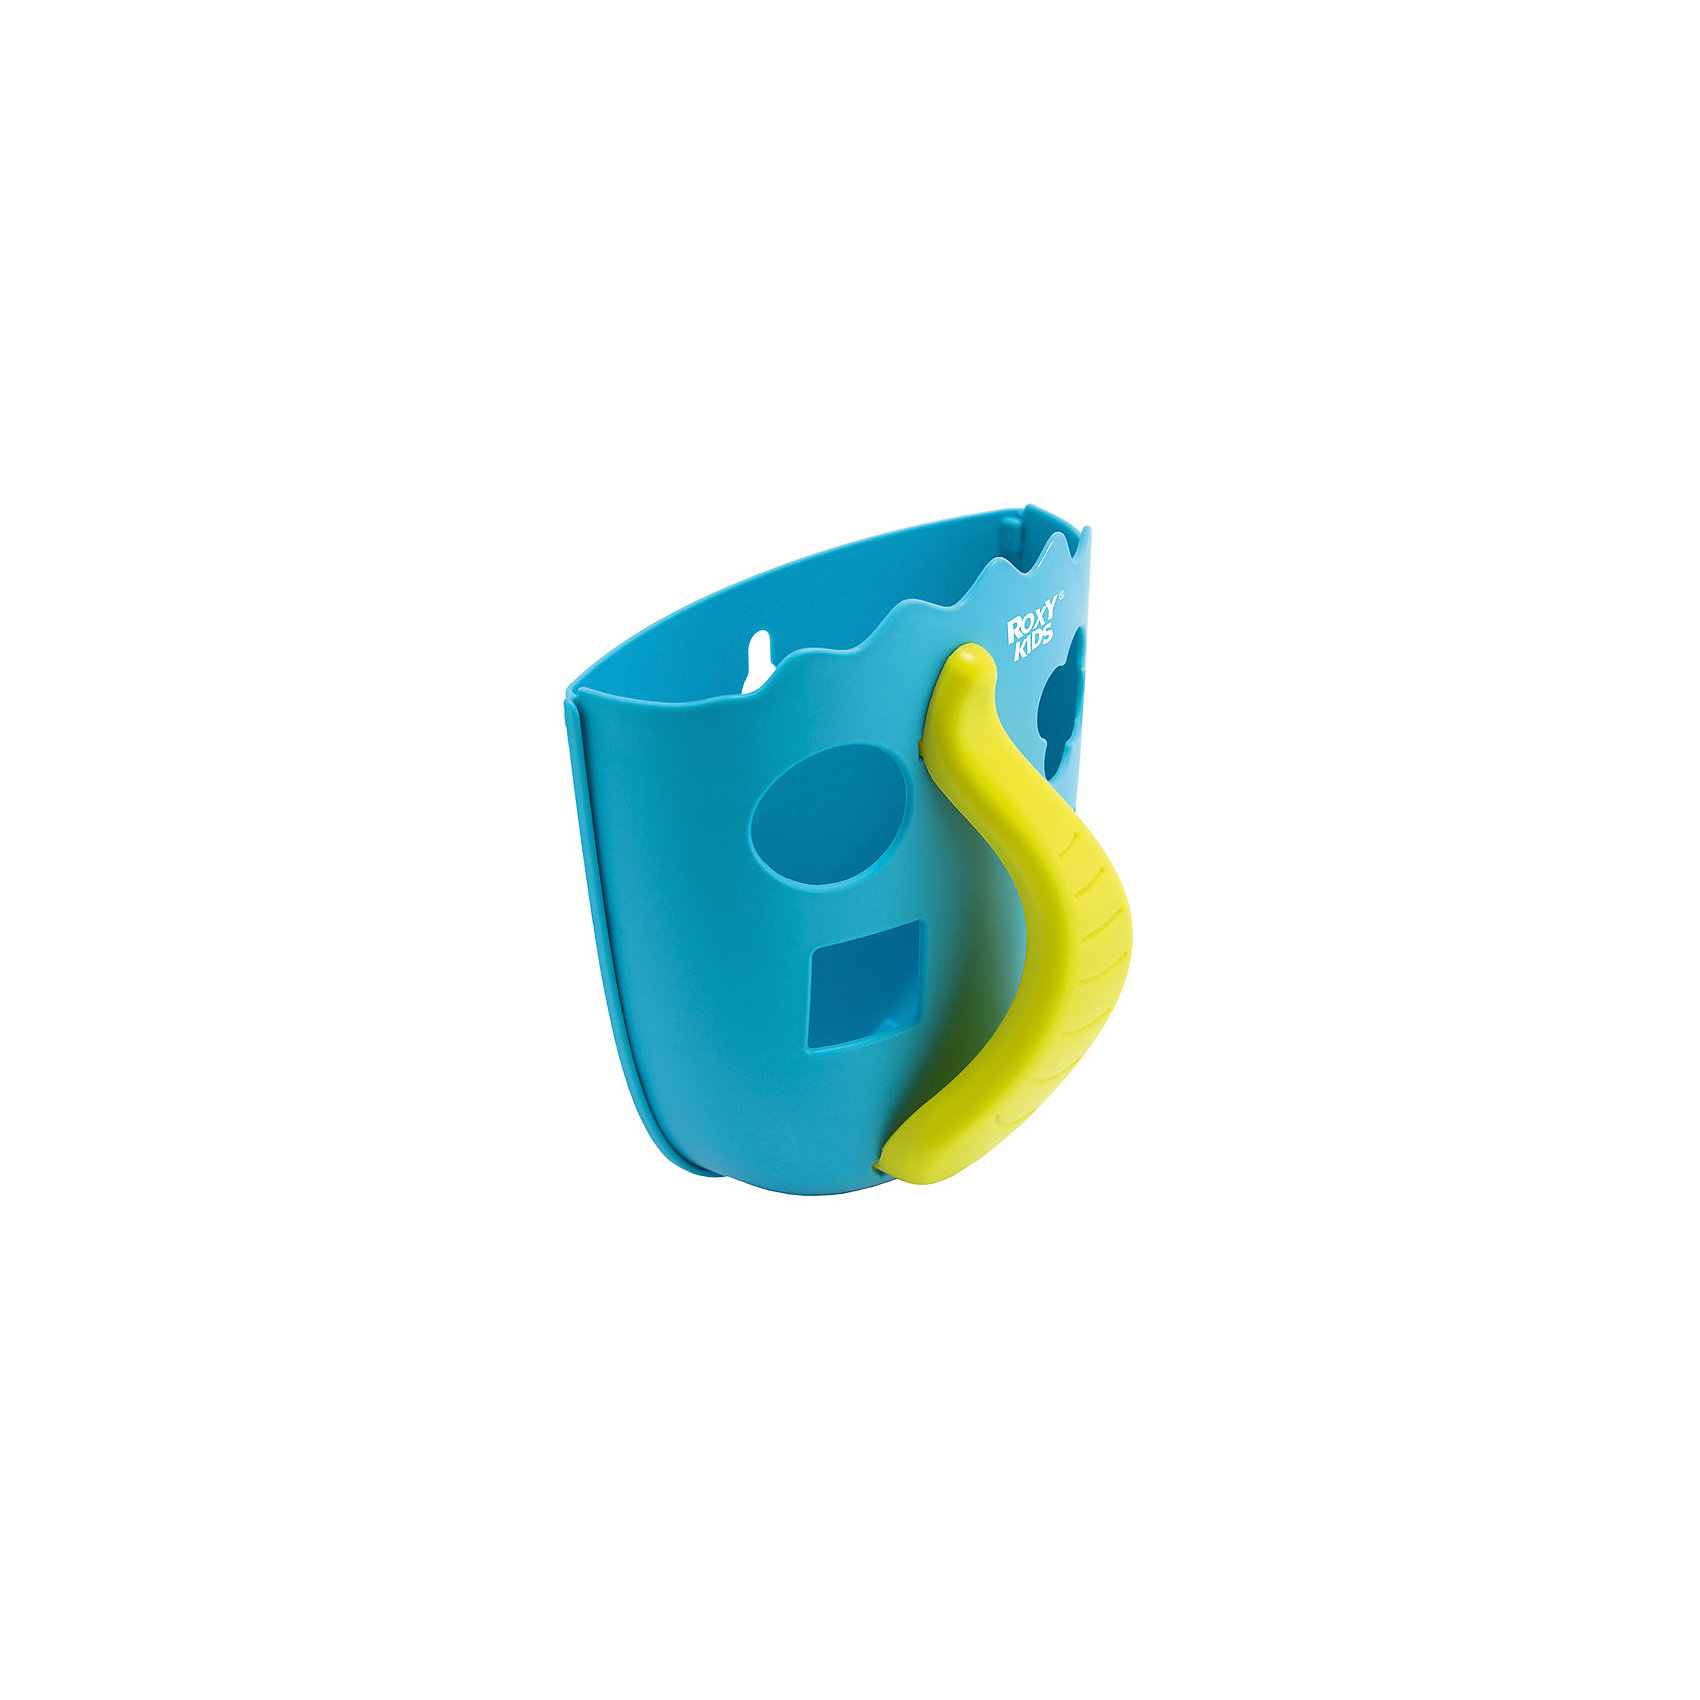 Органайзер для игрушек в ванную Roxy-Kids Dino, голубойПрочие аксессуары<br>Характеристики товара:<br><br>• органайзер для хранения игрушек;<br>• ковшеобразная конструкция;<br>• органайзер оснащен ручкой;<br>• отверстия для слива;<br>• игрушки, которые находятся в органайзере, удобно мыть под краном;<br>• функция сортера: отверстия геометрической формы, в комплекте 4 фигурки;<br>• способ крепления: присоски;<br>• материал: полипропилен;<br>• размер упаковки: 22х19х14 см;<br>• вес: 286 г.<br><br>Органайзер для игрушек в ванную Roxy-Kids Dino, мятный можно купить в нашем интернет-магазине.<br><br>Ширина мм: 220<br>Глубина мм: 190<br>Высота мм: 140<br>Вес г: 286<br>Цвет: мятный<br>Возраст от месяцев: 0<br>Возраст до месяцев: 12<br>Пол: Унисекс<br>Возраст: Детский<br>SKU: 7136443